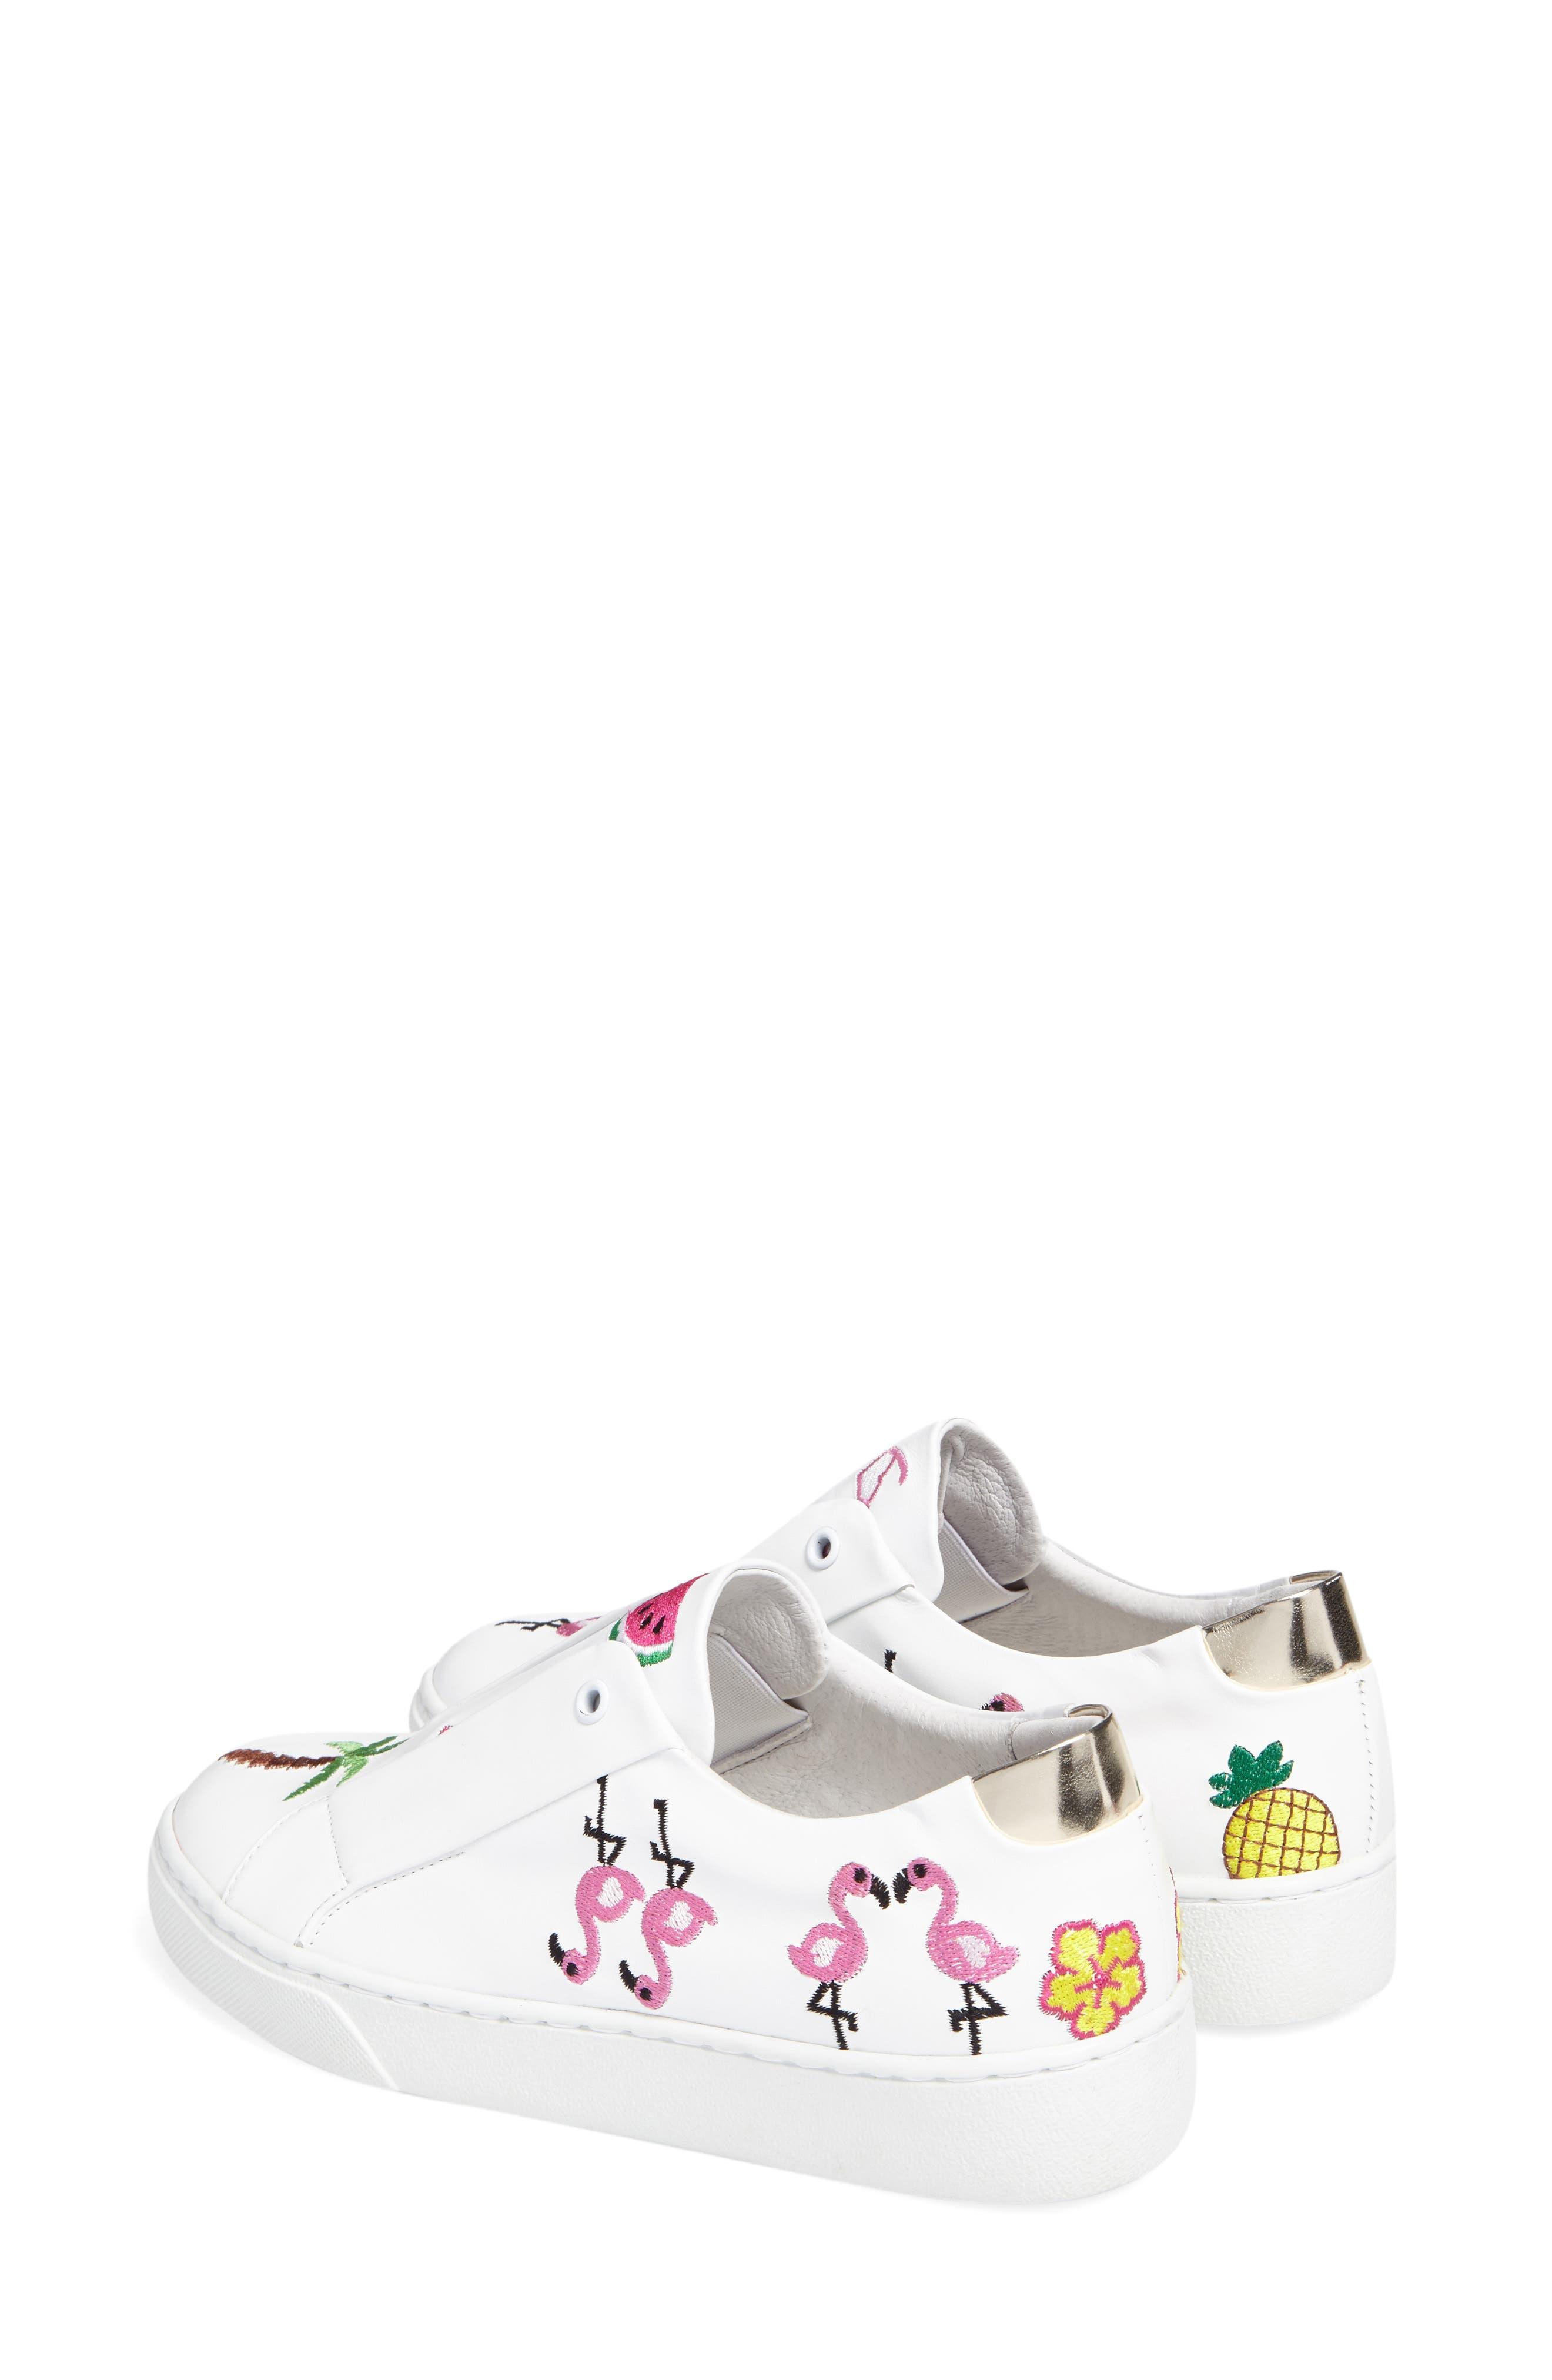 Kamea Slip-On Sneaker,                             Alternate thumbnail 3, color,                             White Leather/ Tropical